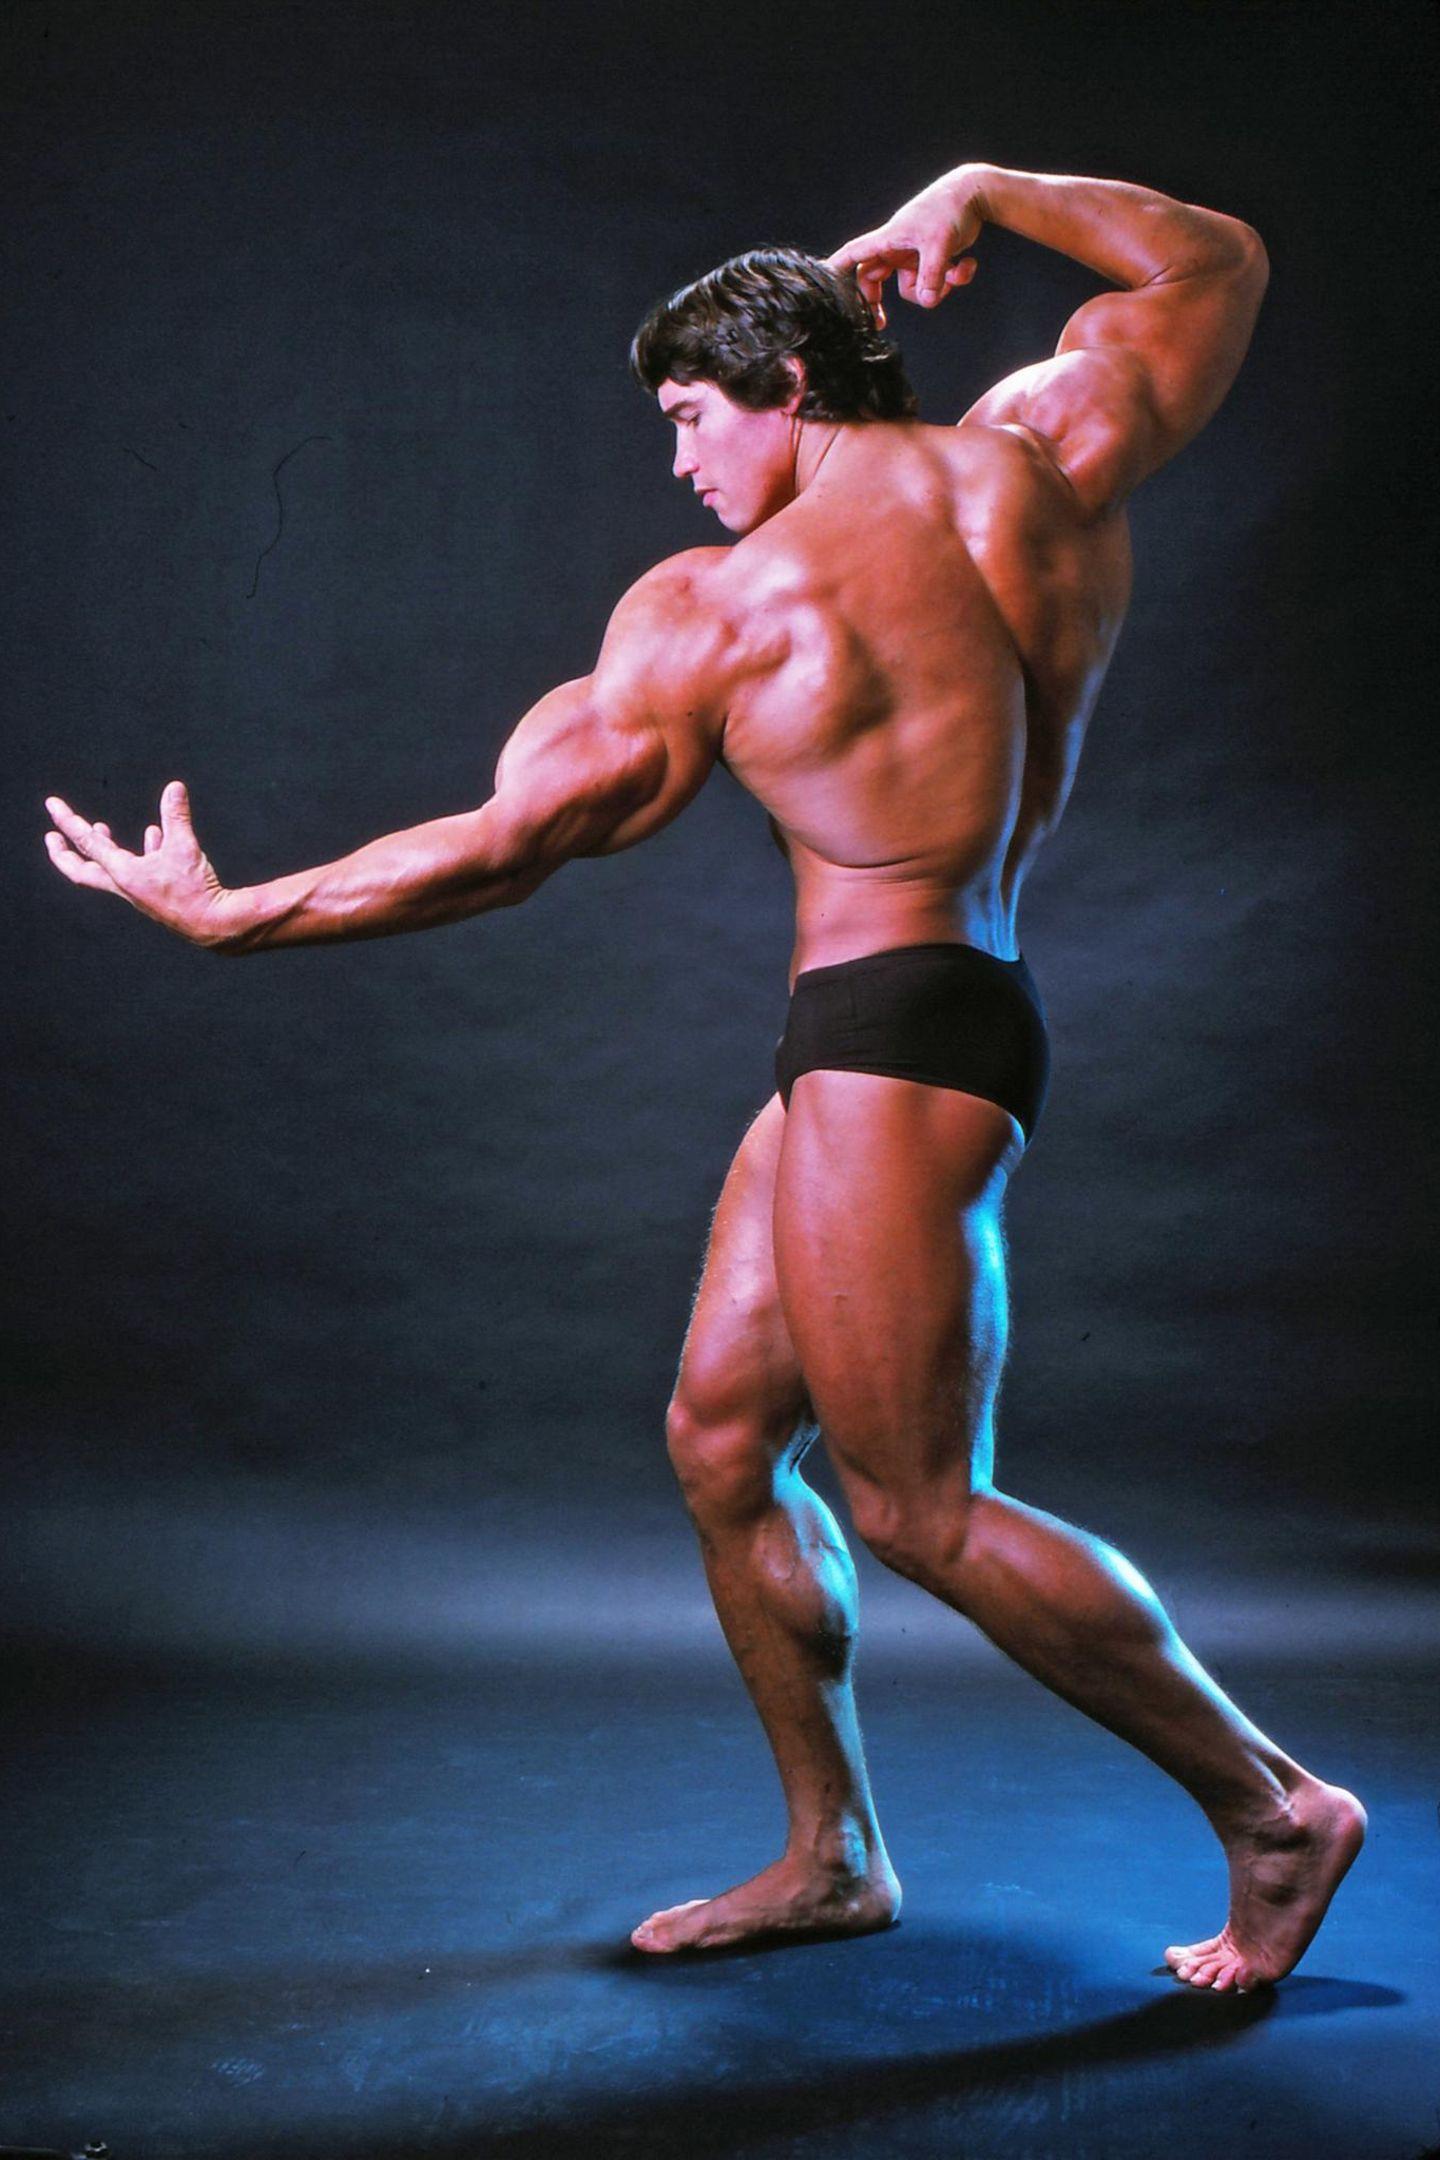 """Arnold Schwarzenegger ist der Muskelprotz schlechthin! Inzwischen ist der österreichische Wahl-Amerikaner der Star vieler Actionfilme, doch seine Karriere begann er als professioneller Bodybuilder. Dieses Bild von 1976 zeigt das Kraftpaket in Bestform. Und scheinbar hat """"Mr. Universum"""" die guten Gene weitergegeben ..."""